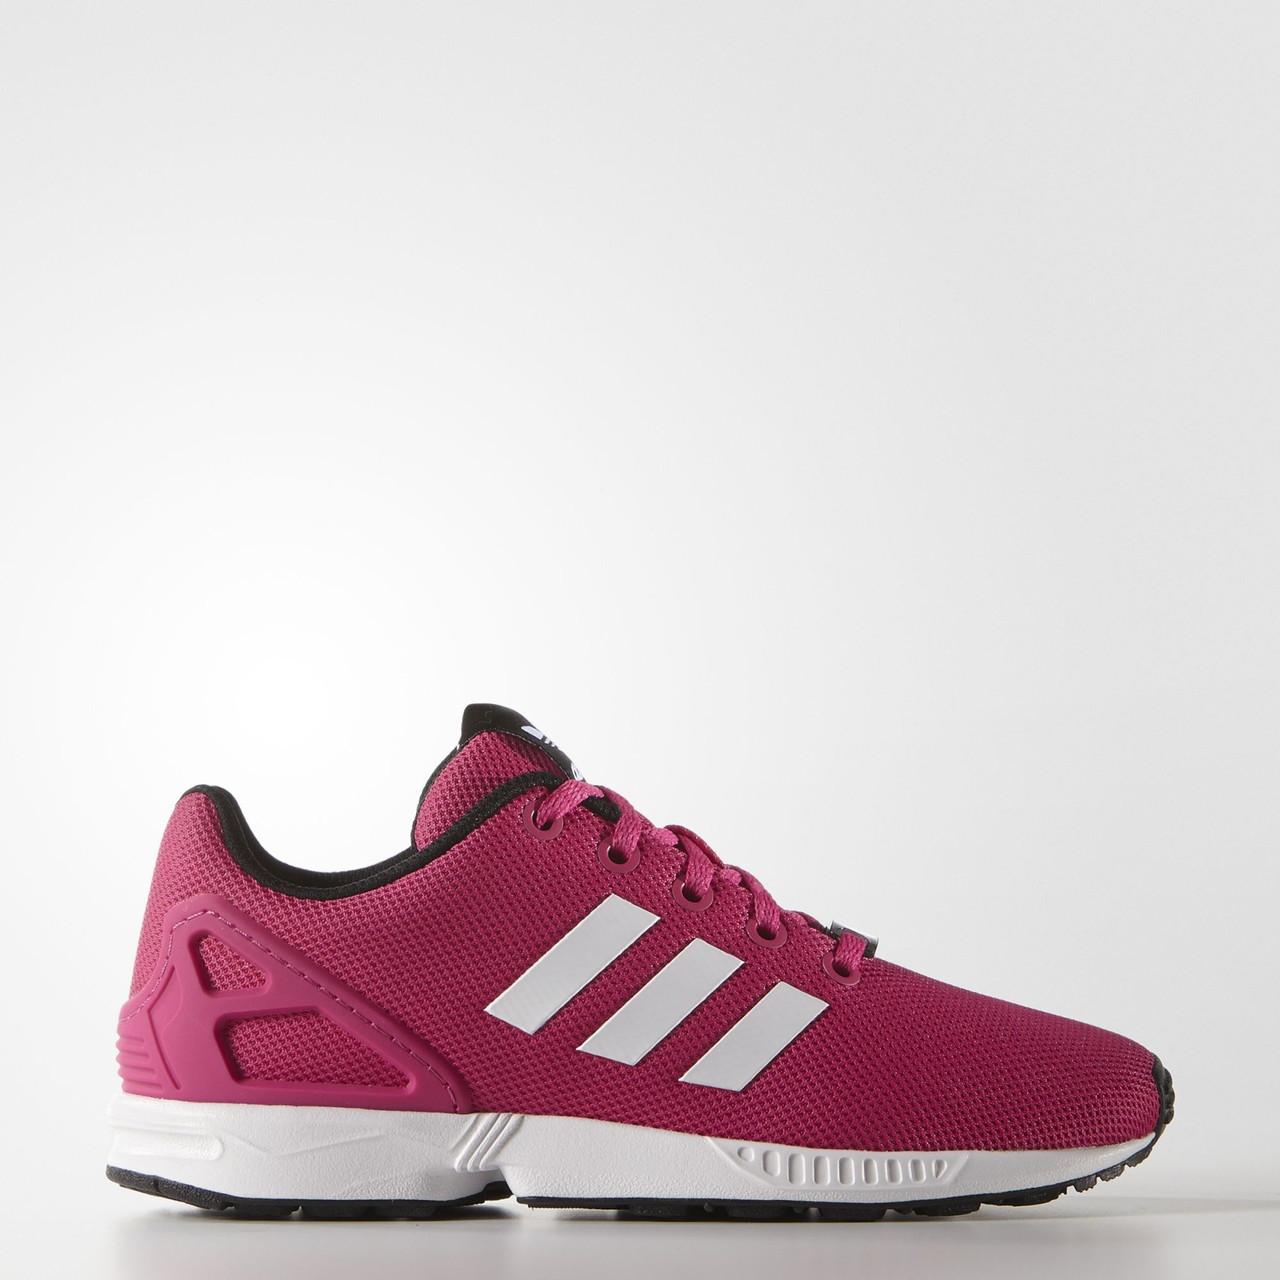 1901afe1 Купить Детские кроссовки adidas zx flux (Артикул: S74952) в интернет ...